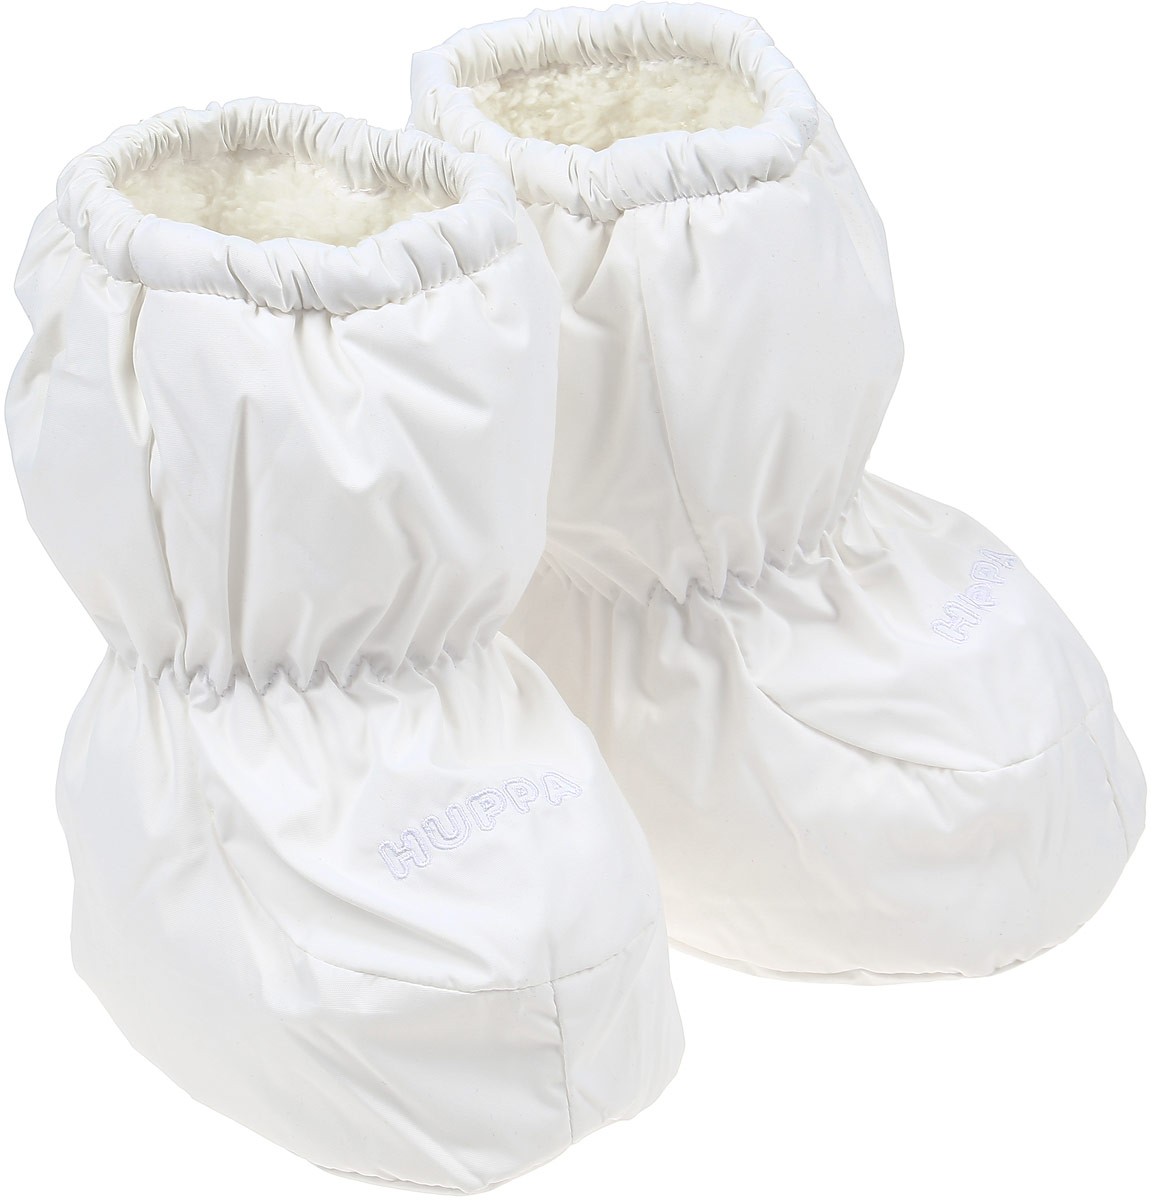 Пинетки детские Huppa Taylor, цвет: белый. 8701BASE-60020. Размер универсальный шапка для девочки huppa ulla цвет белый 83880000 60020 размер 51 53